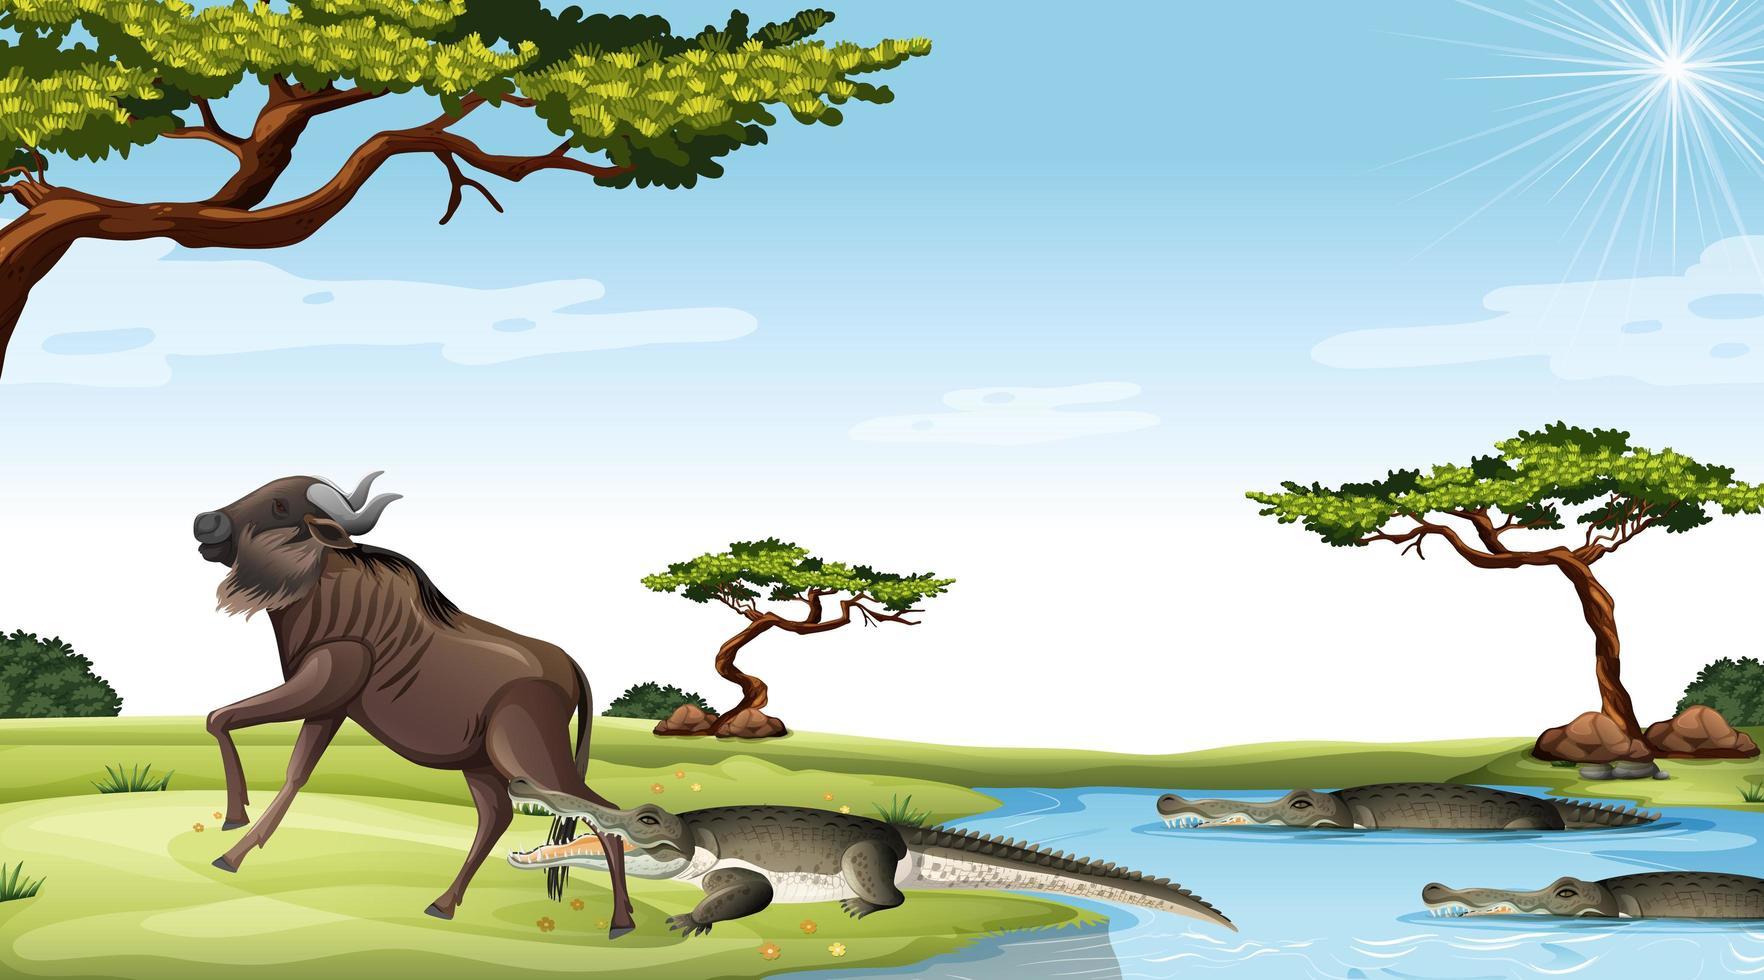 crocodiles chassant à l'extérieur vecteur